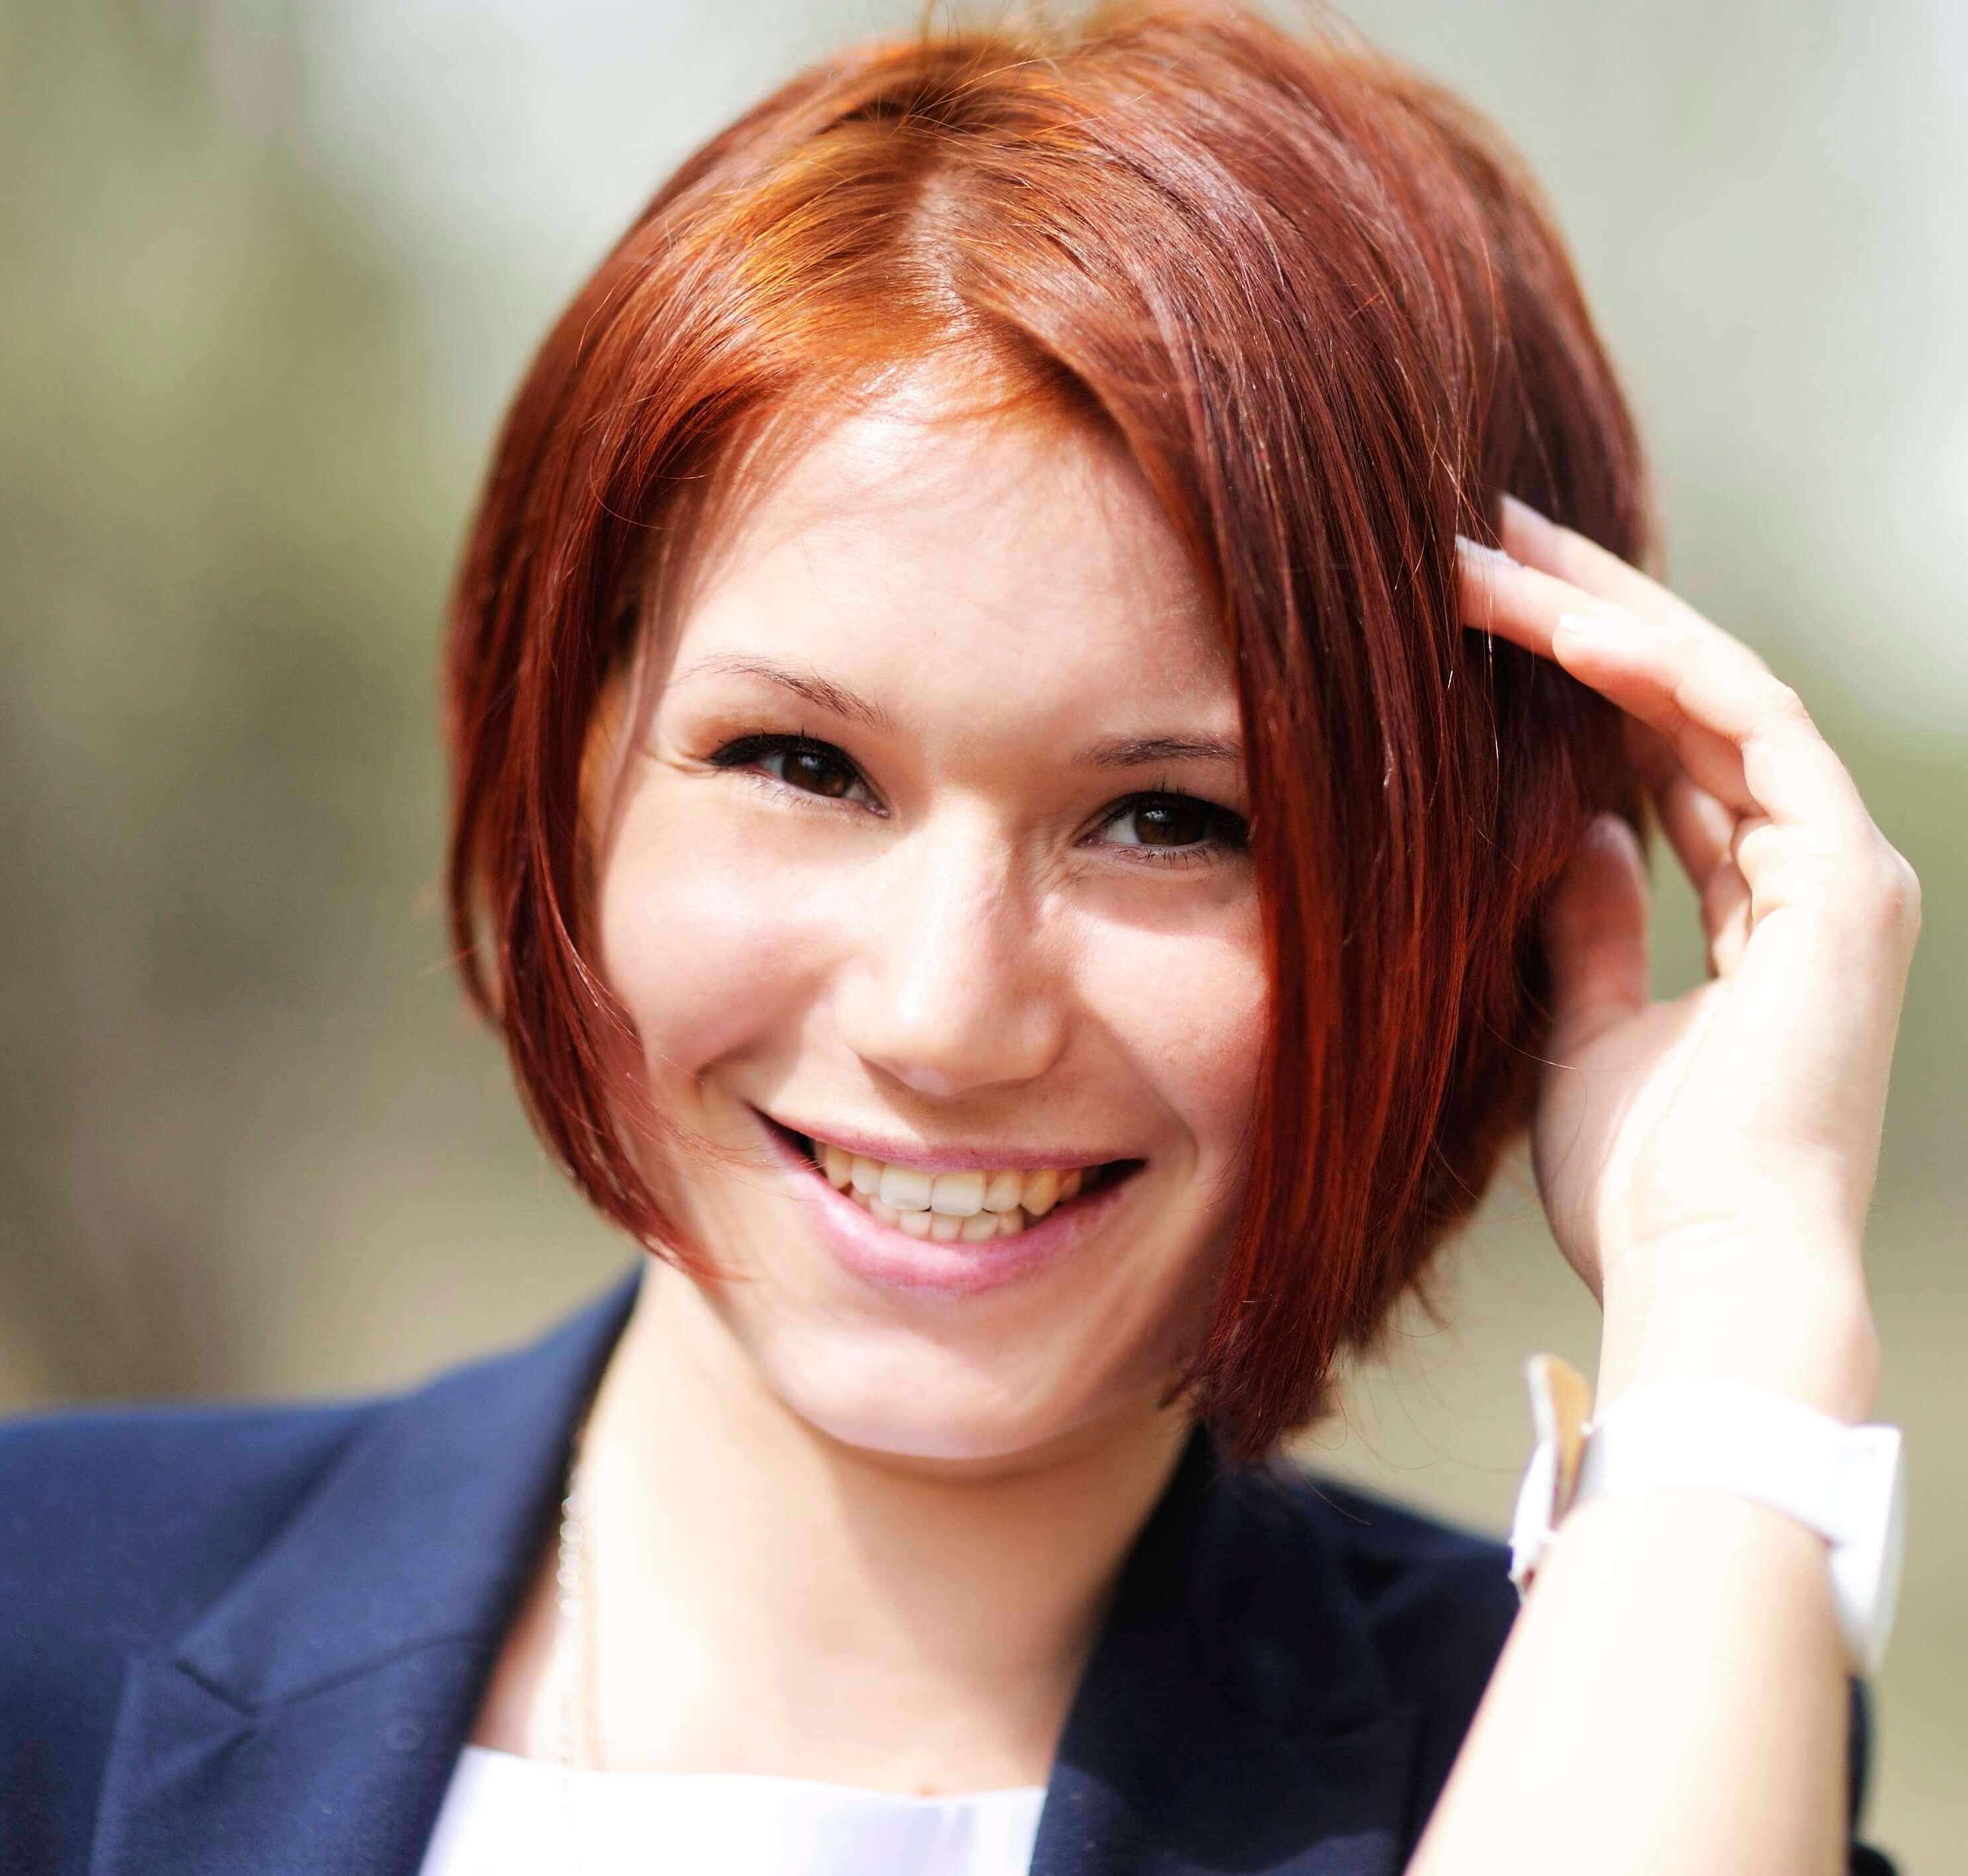 Femme aux cheveux roux avec une coupe de bobsleigh en biais, qui se touche les cheveux avec ses mains.